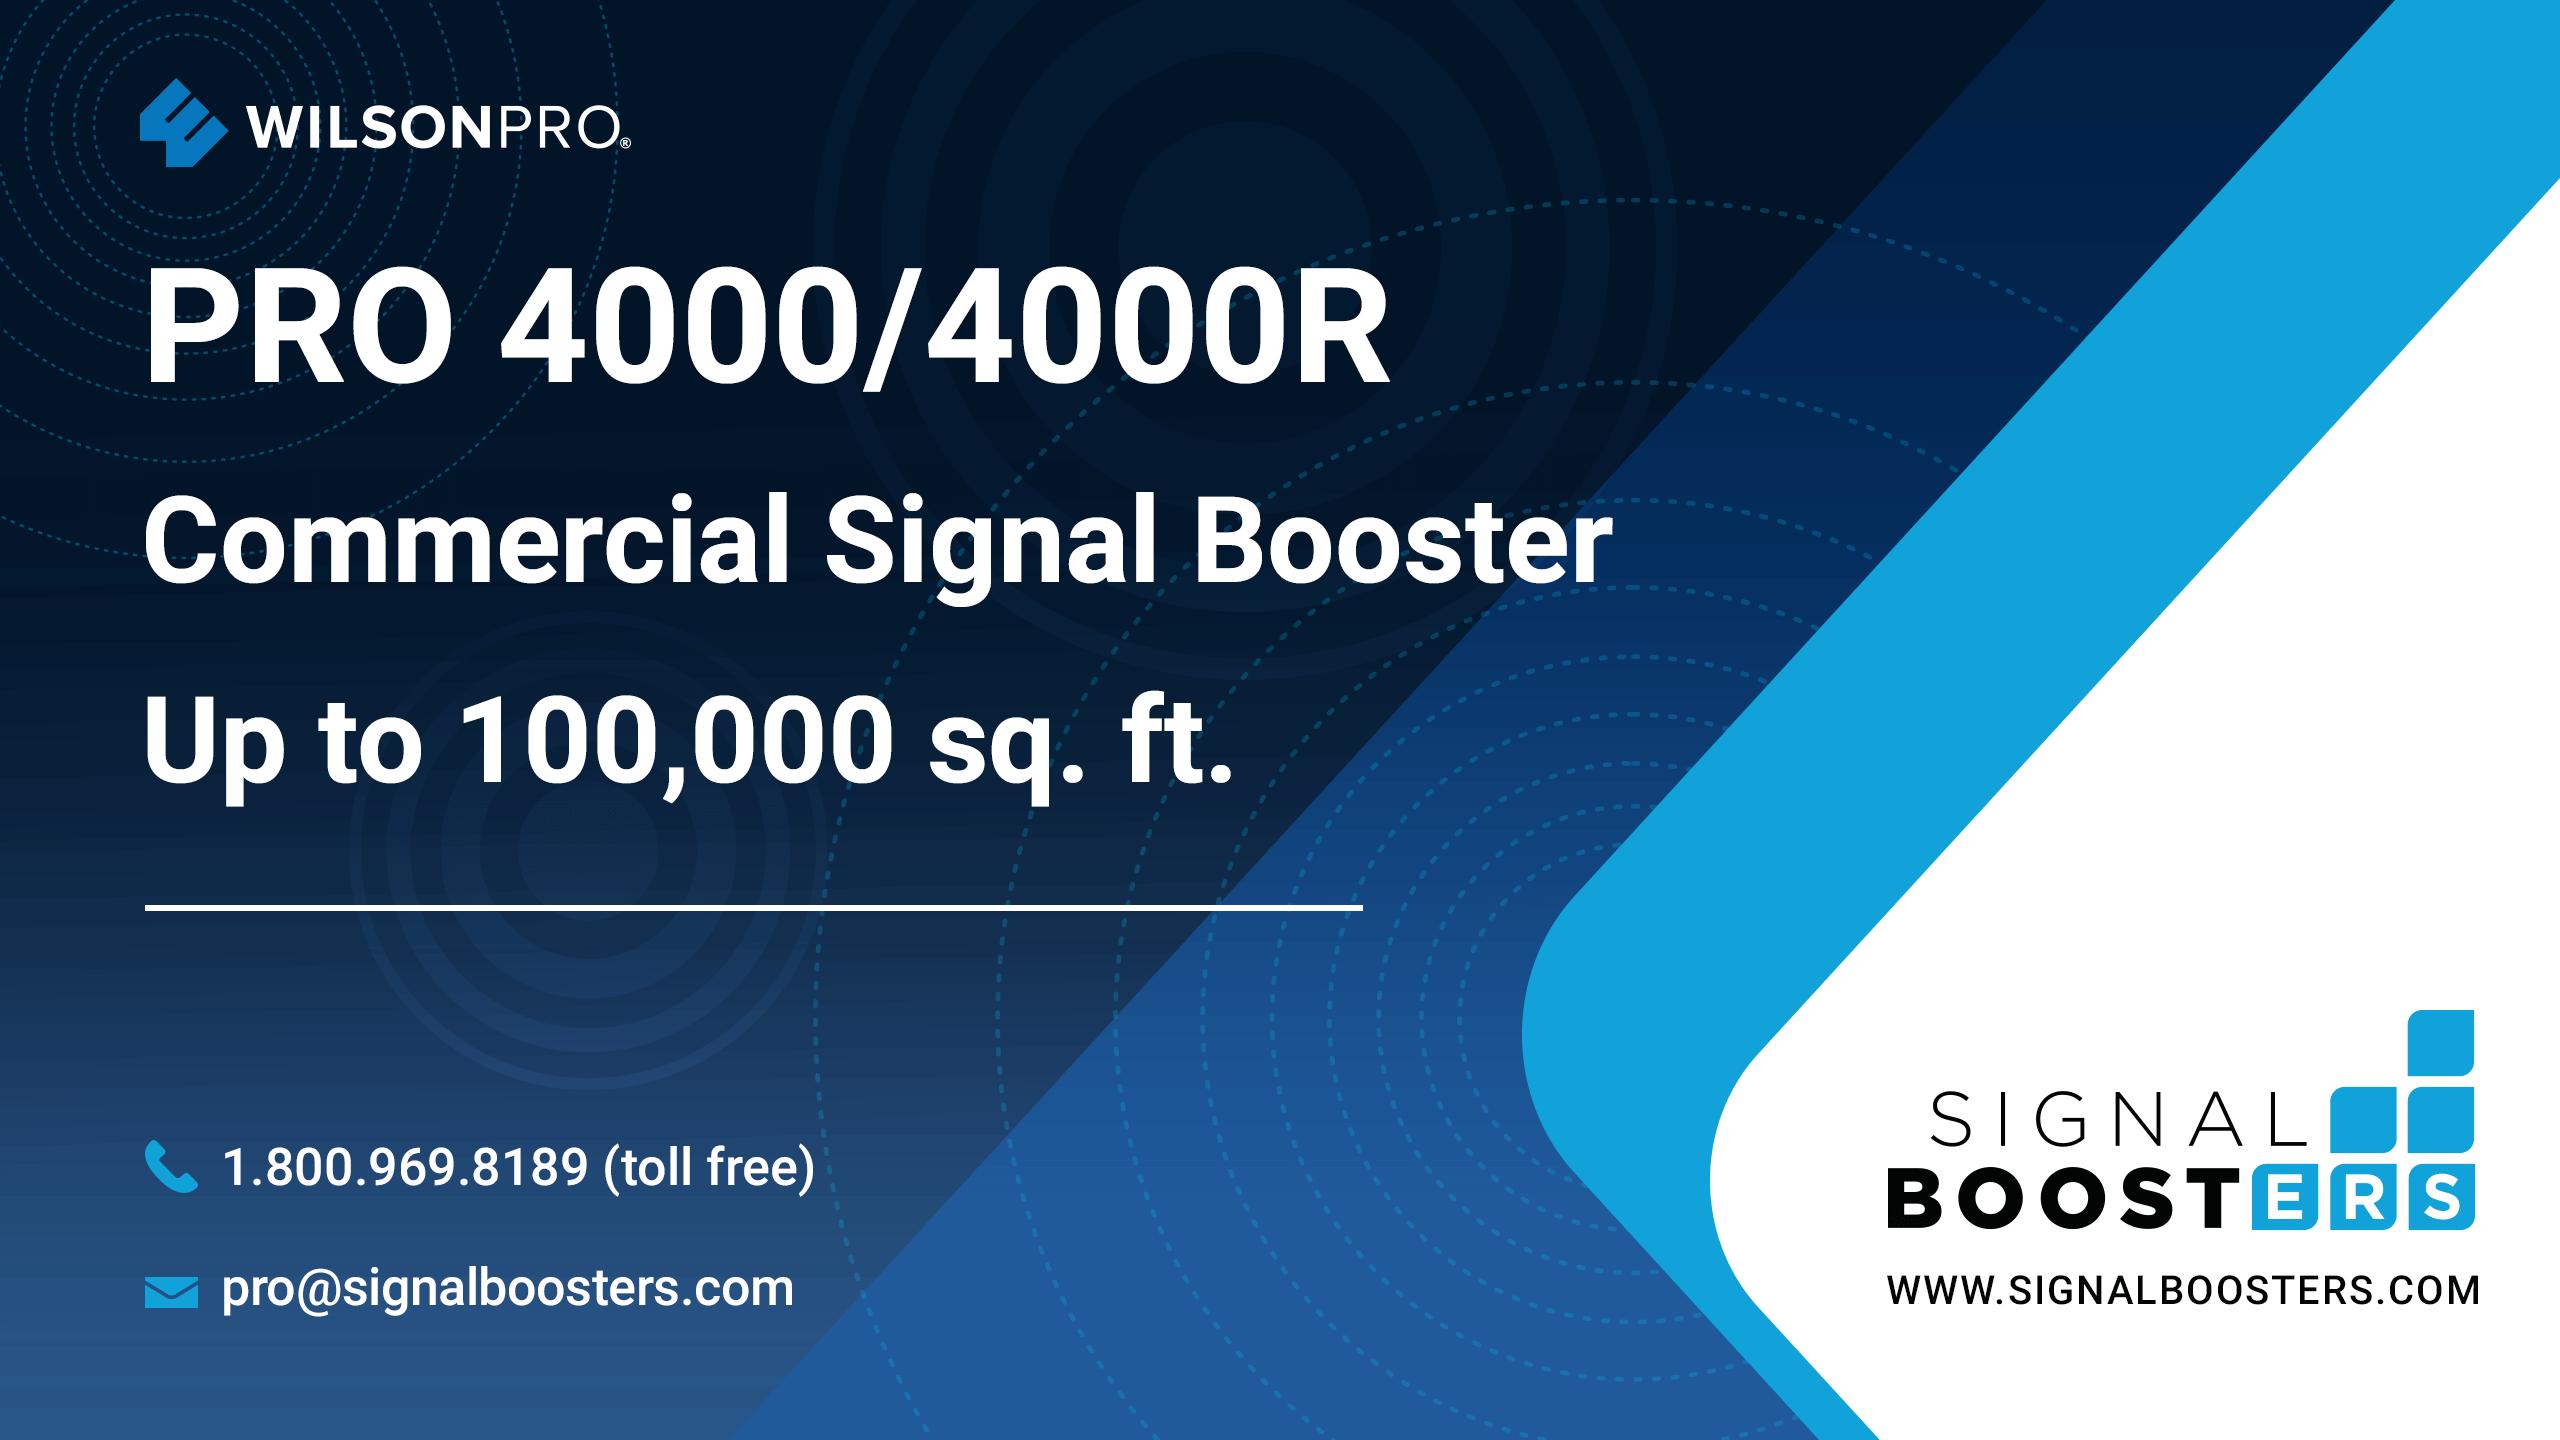 wilsonpro resources signalboosters com